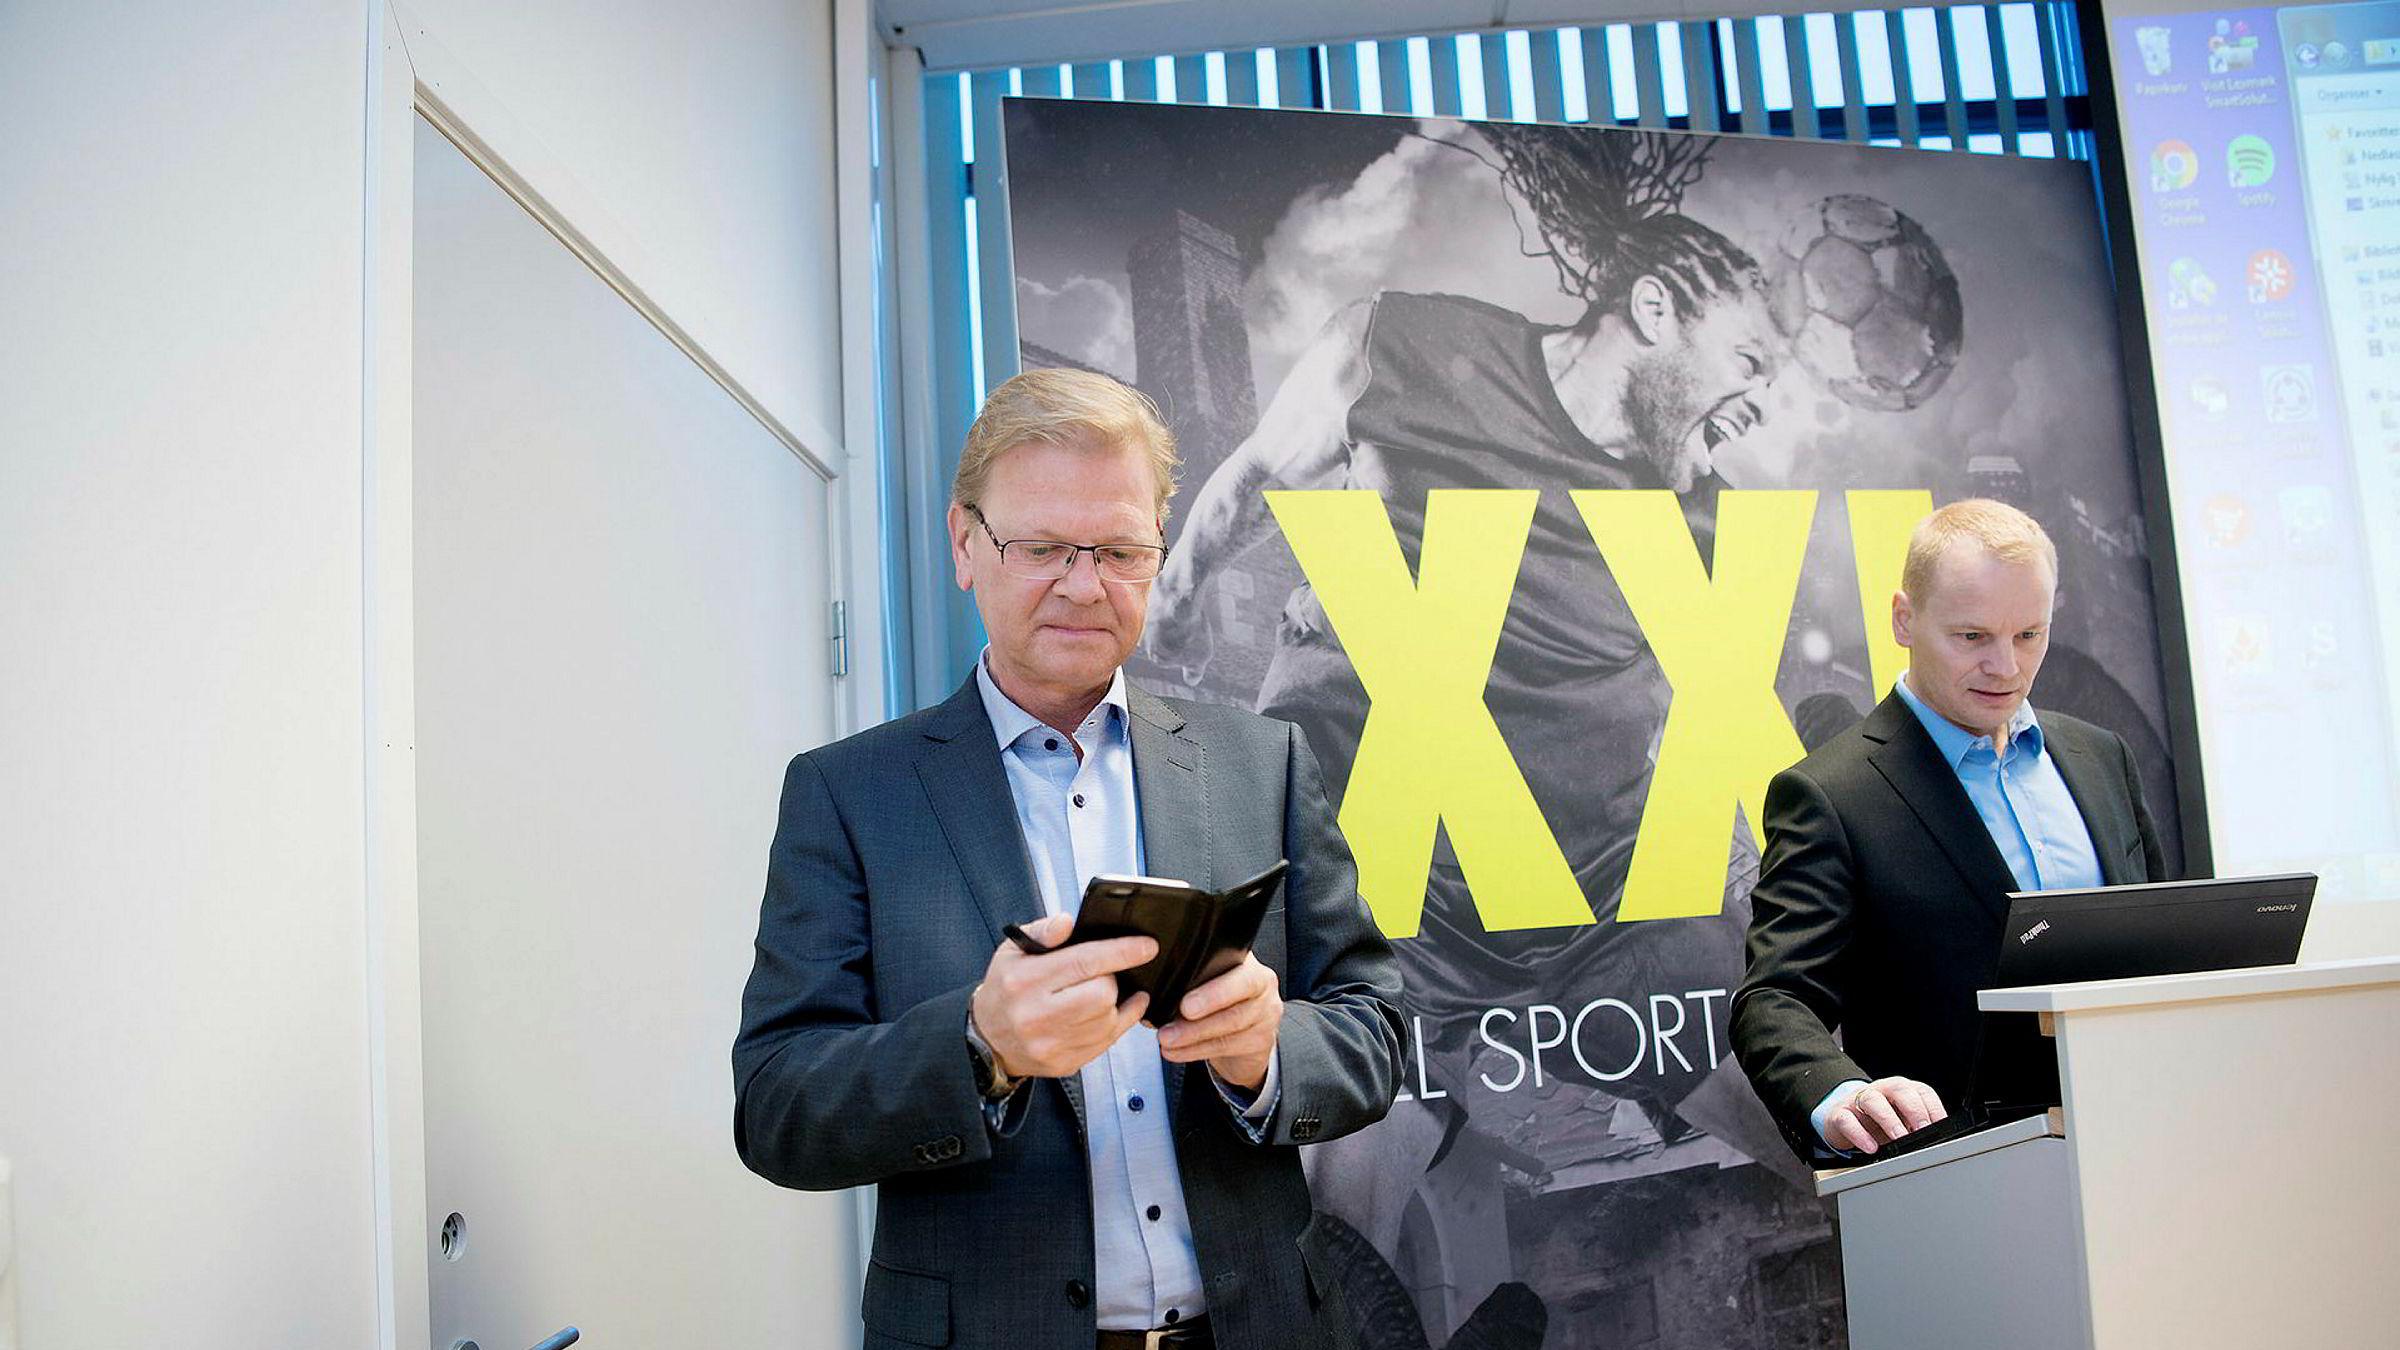 XXL-sjef Fredrik Steenbuch snakker med shortinvestoren Shorty.